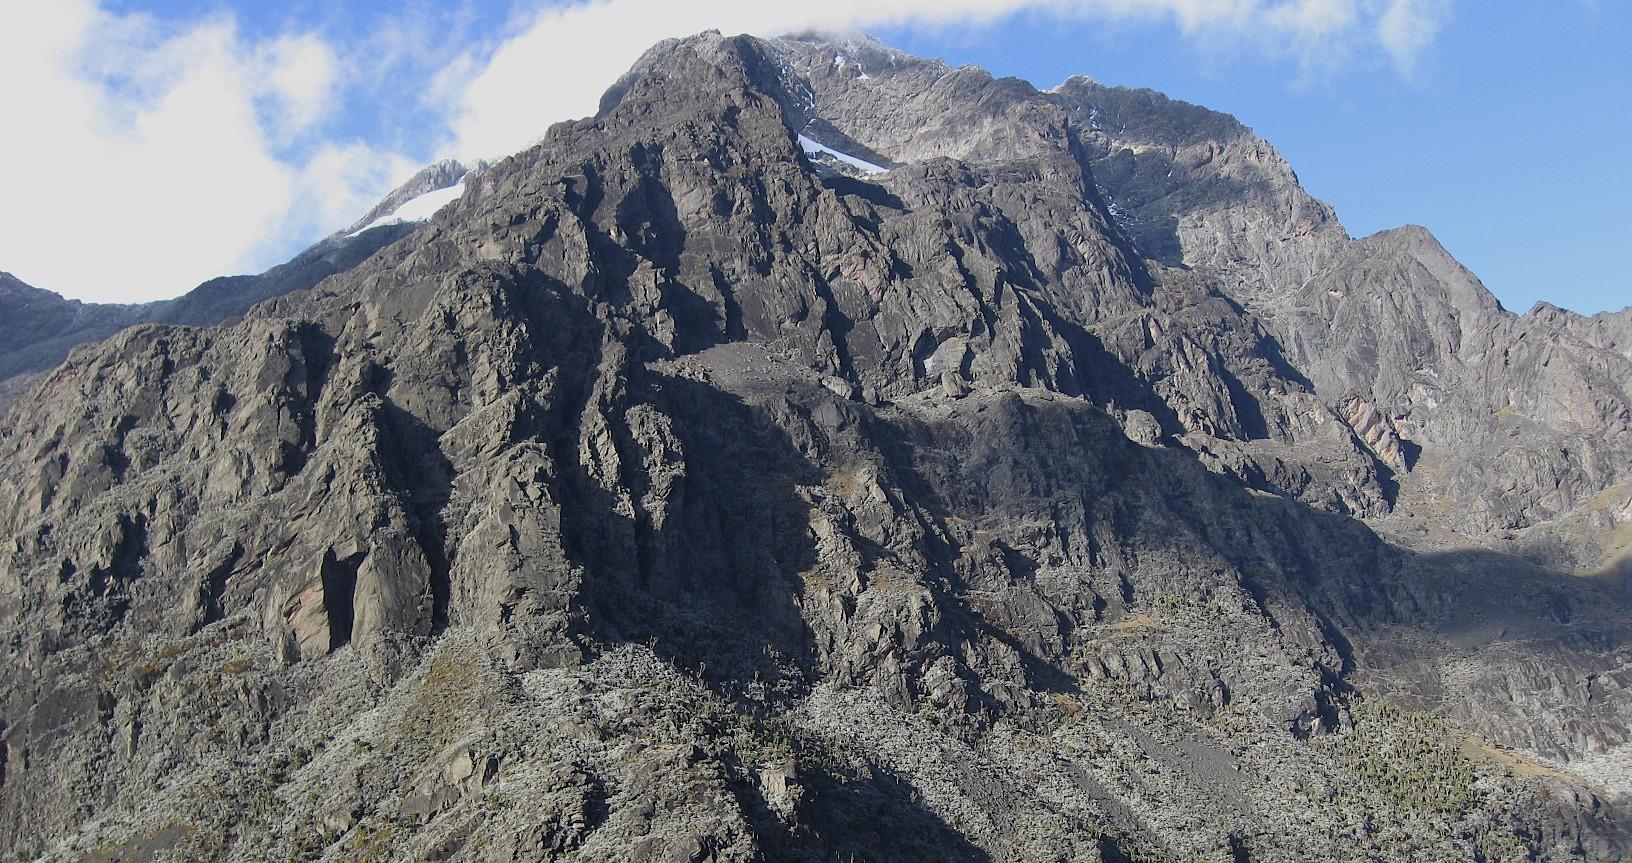 Mt. Margarita 5,109m